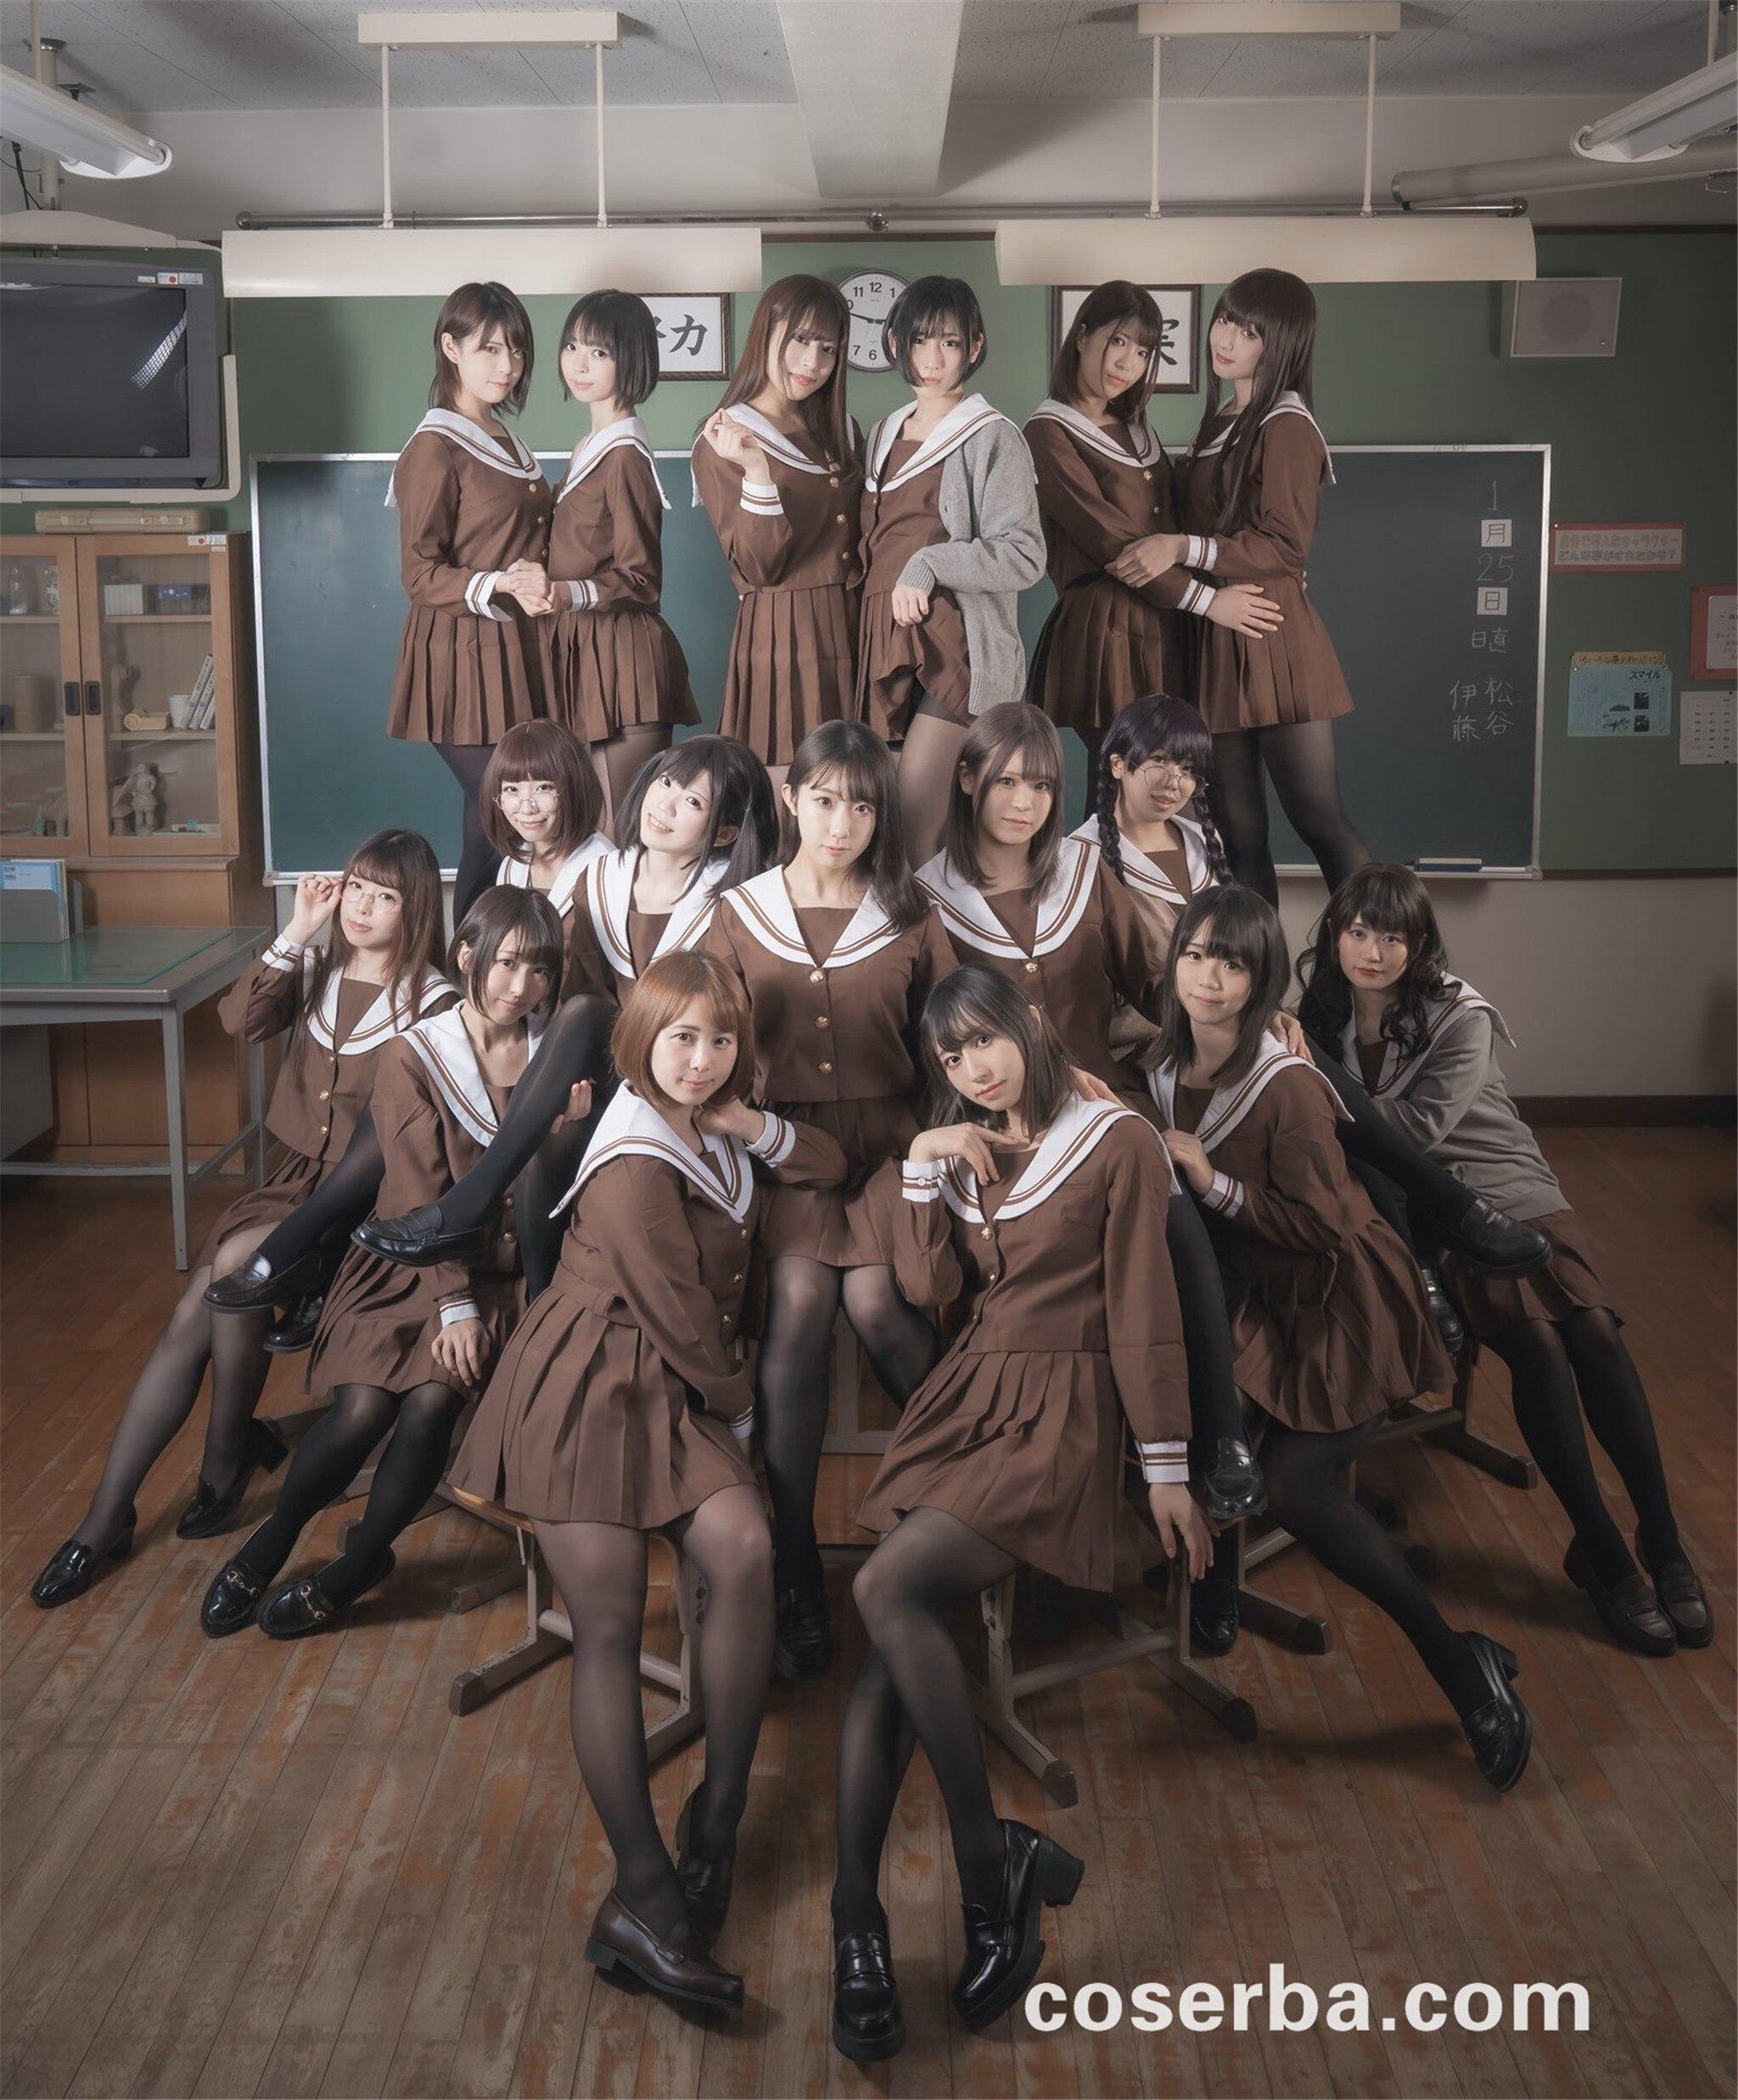 黑丝制服:谁上学不想有这样的女同学呢?[104P/25M] coserba.com整理发布